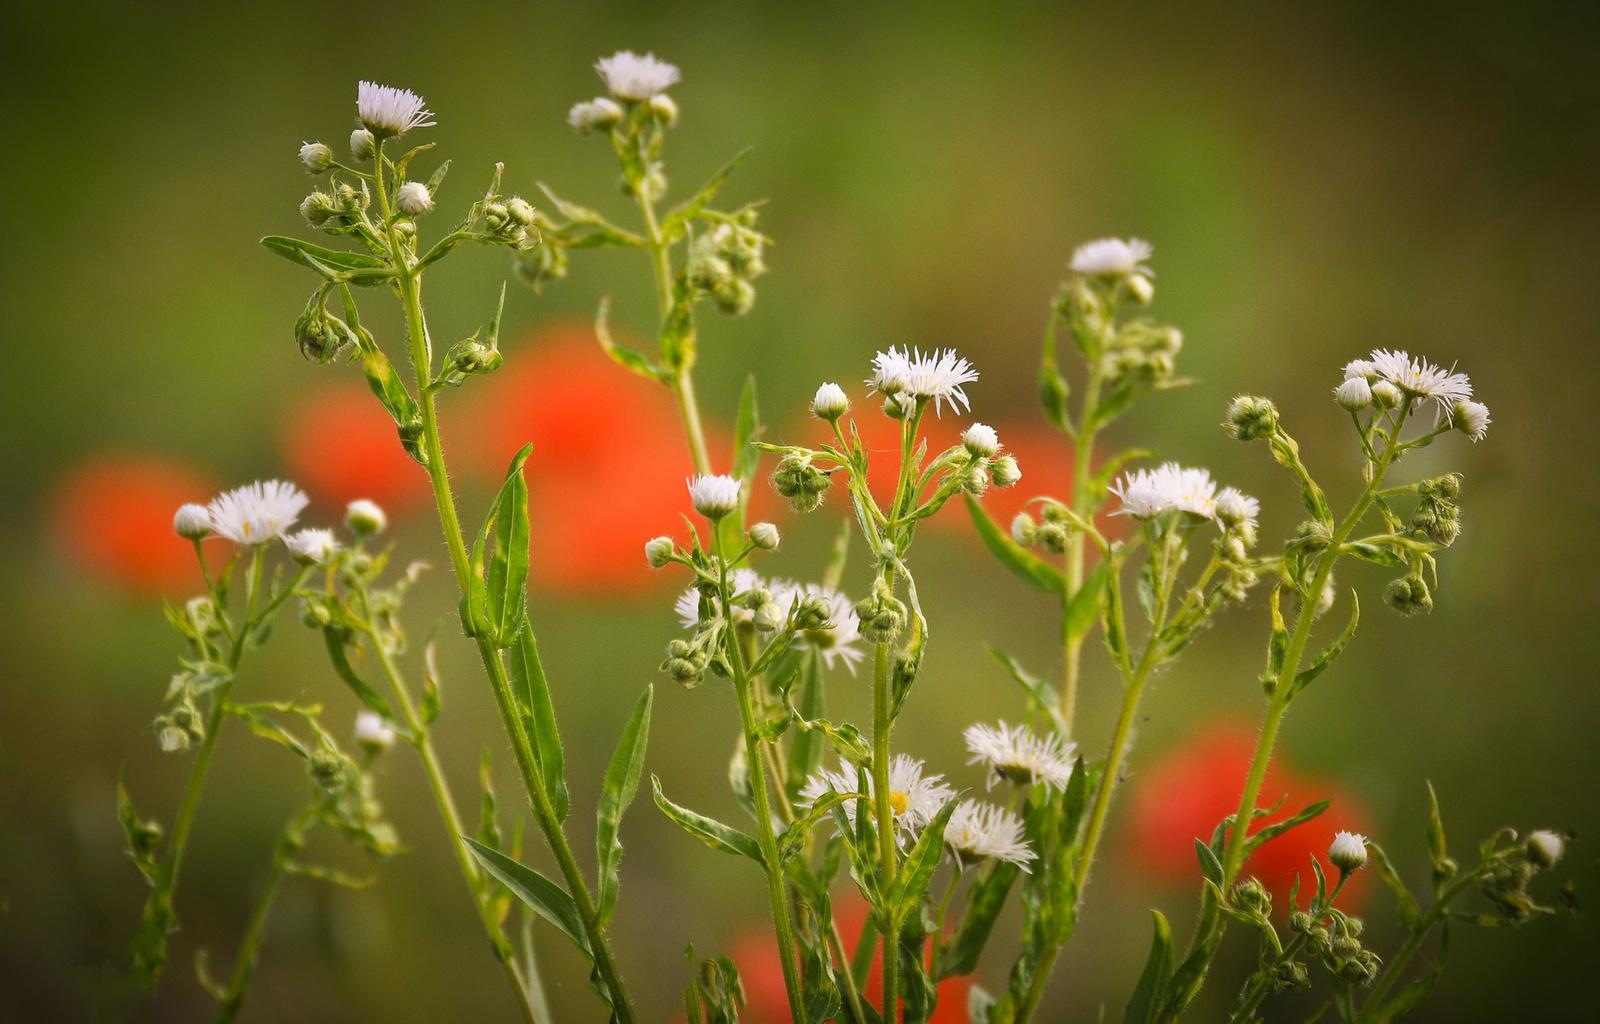 Pipacsok között kis virág